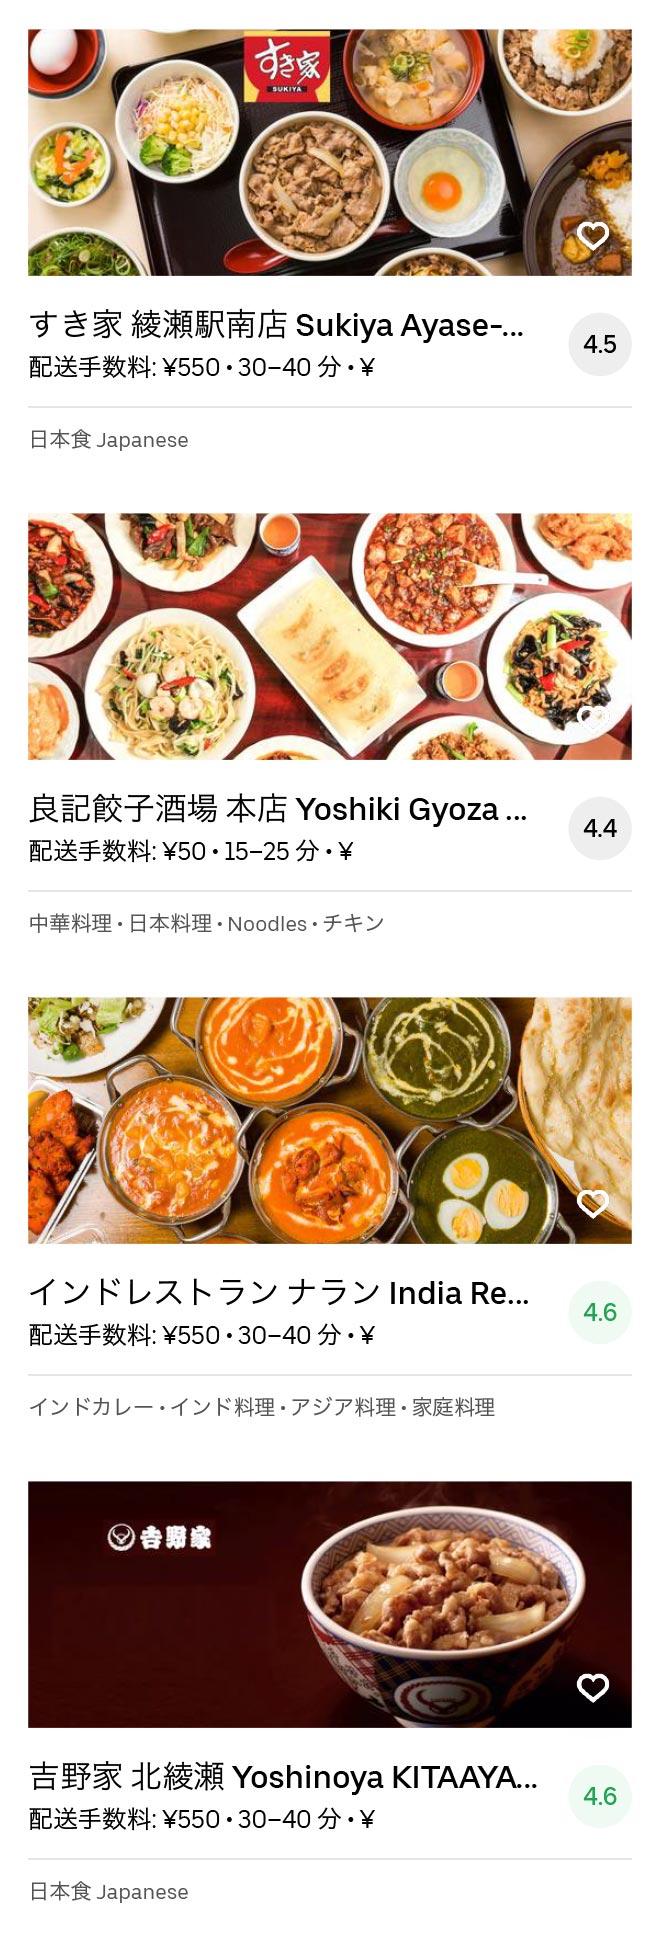 Tokyo takenotsuka menu 2005 06